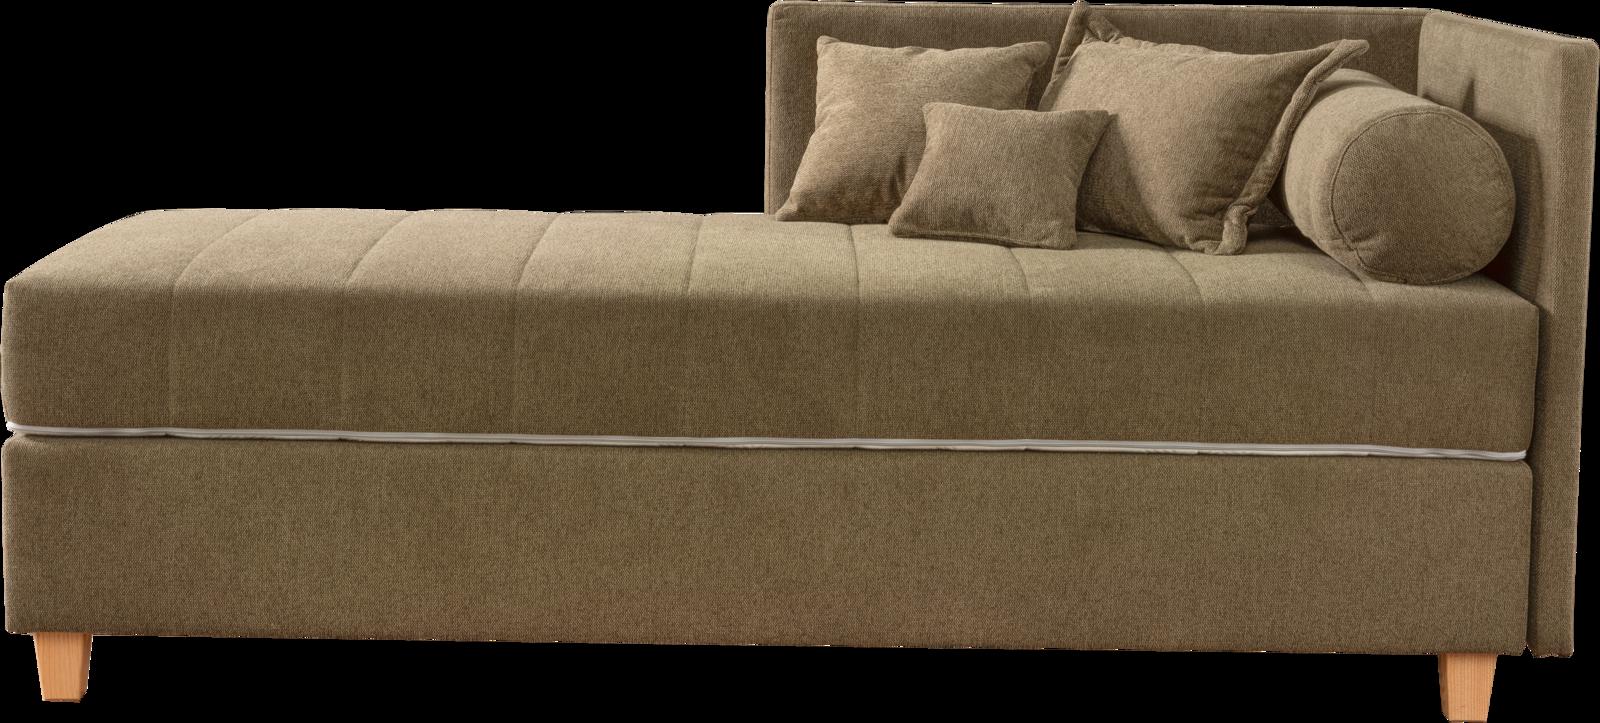 Kona Liege in grünem Stoff, Holzfüßen und Steppung der Matratze